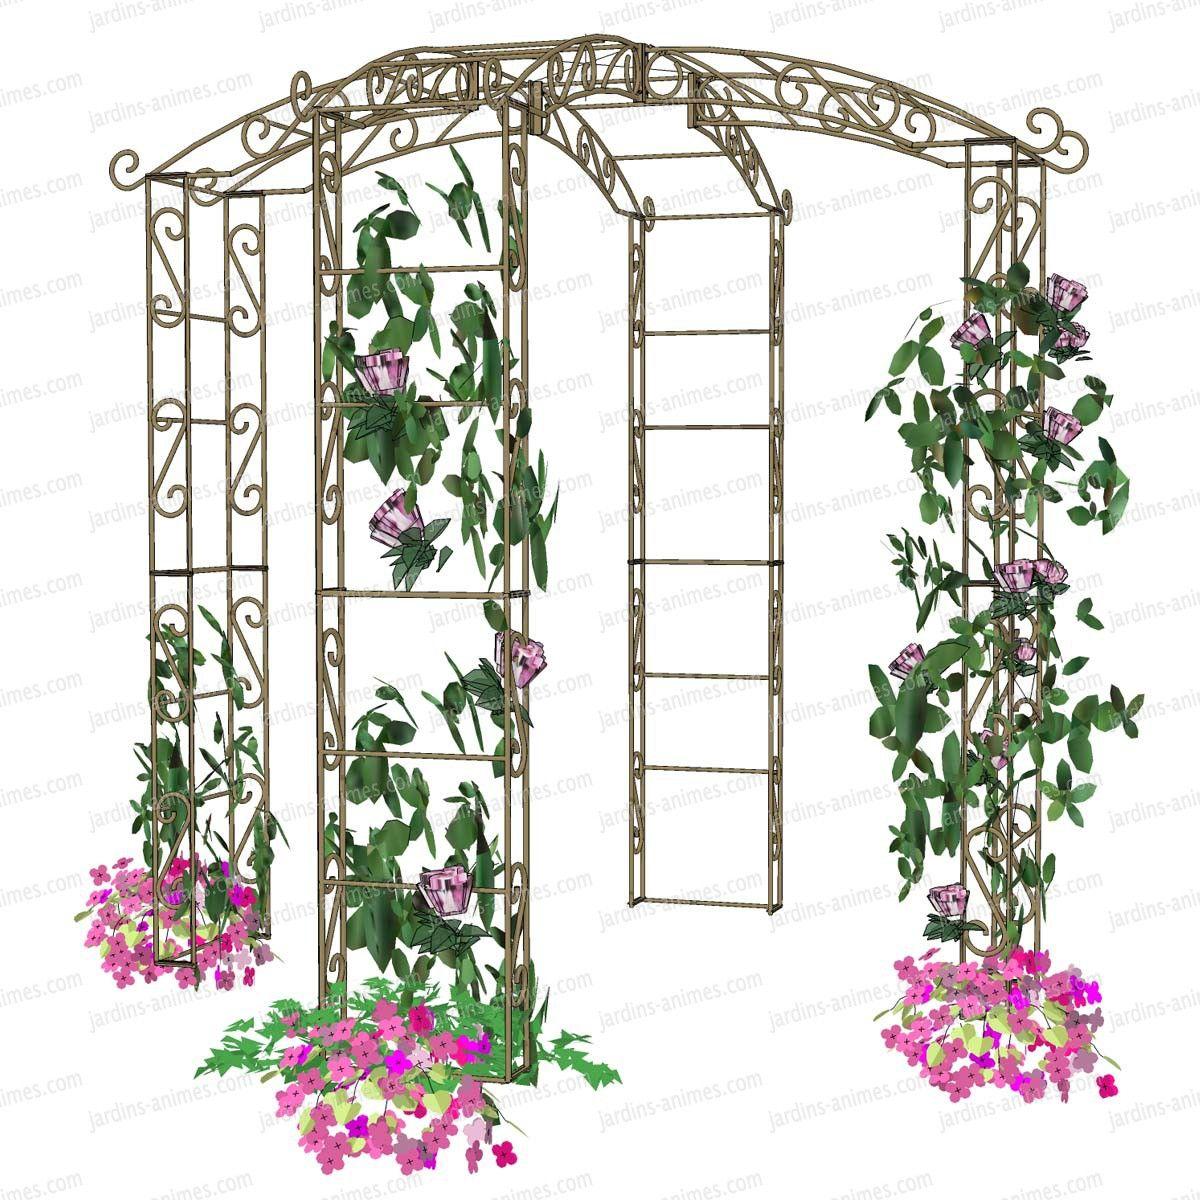 Tonnelle Kiosque De Jardin gloriette kiosque en fer 4 pieds diam. 2.14m | arche jardin